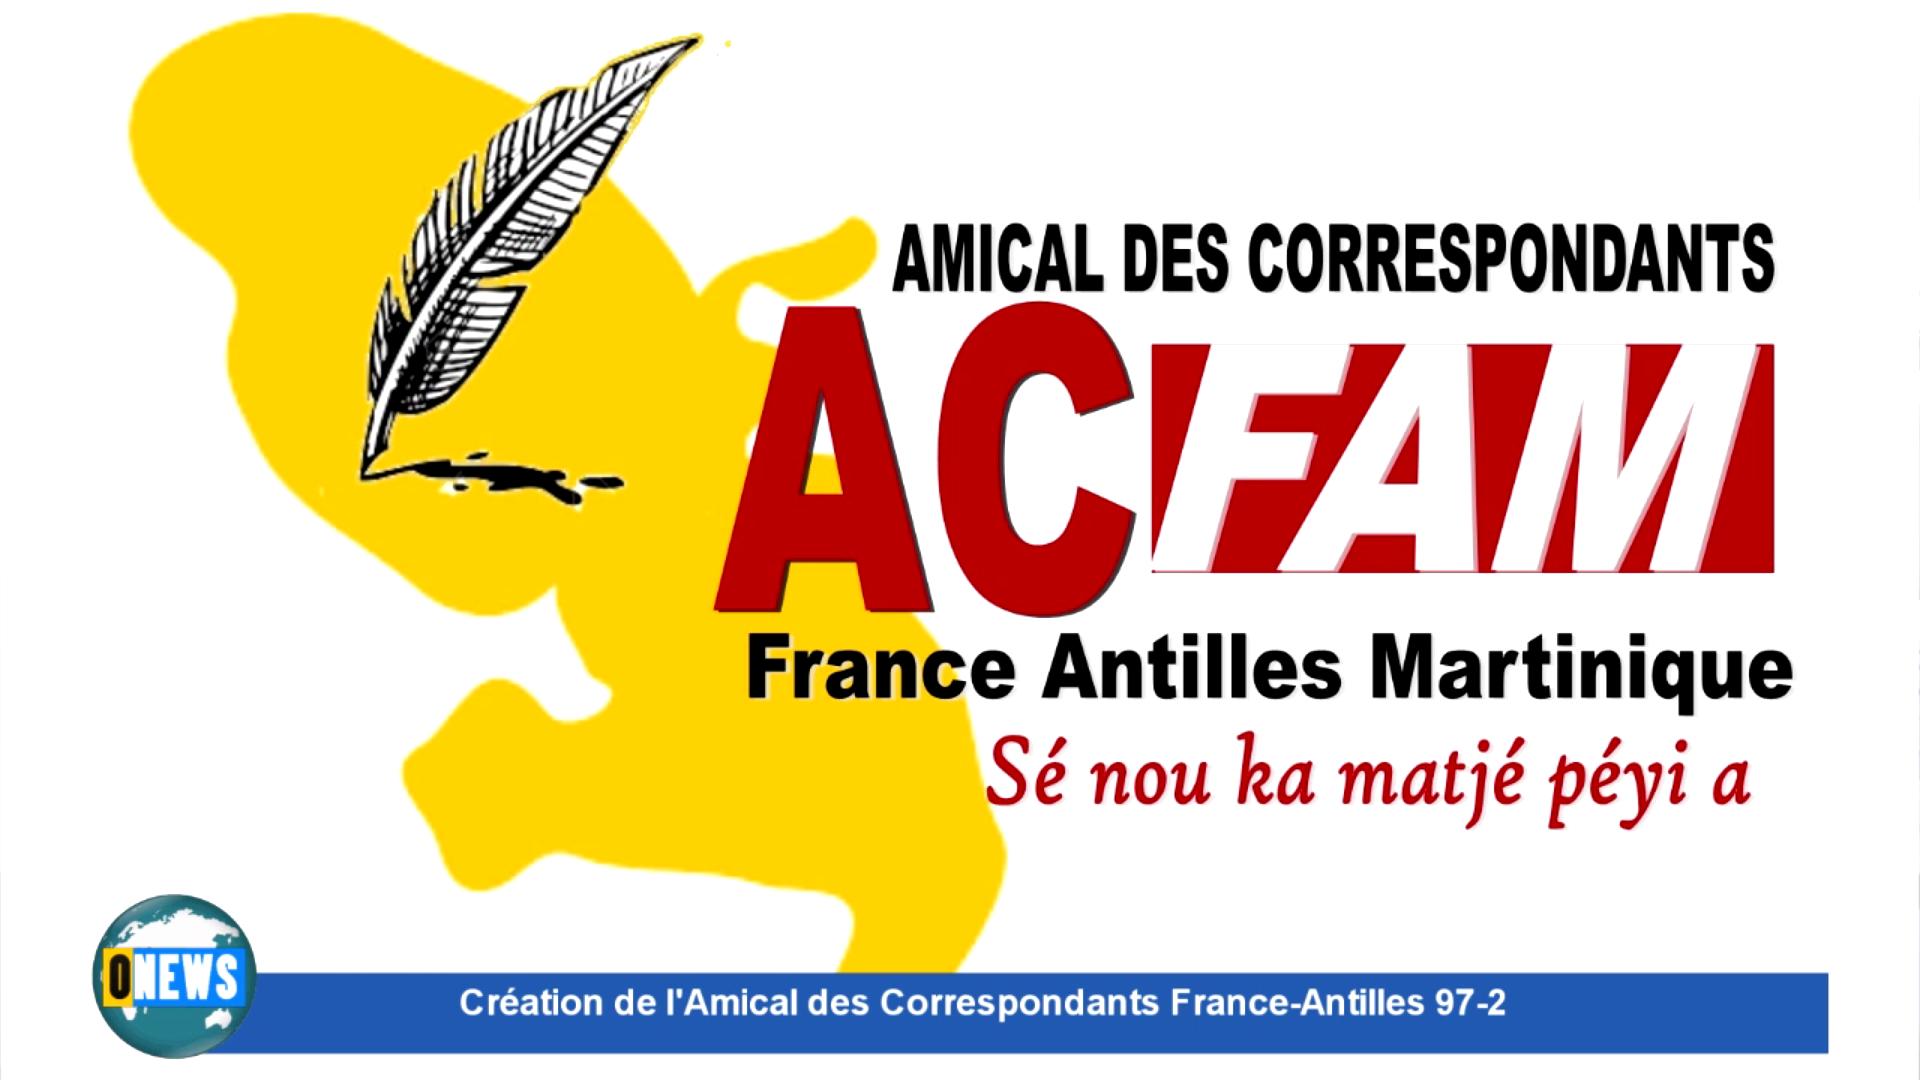 [Vidéo] Onews Martinique. Création de l'Amical des Correspondants France-Antilles 97-2